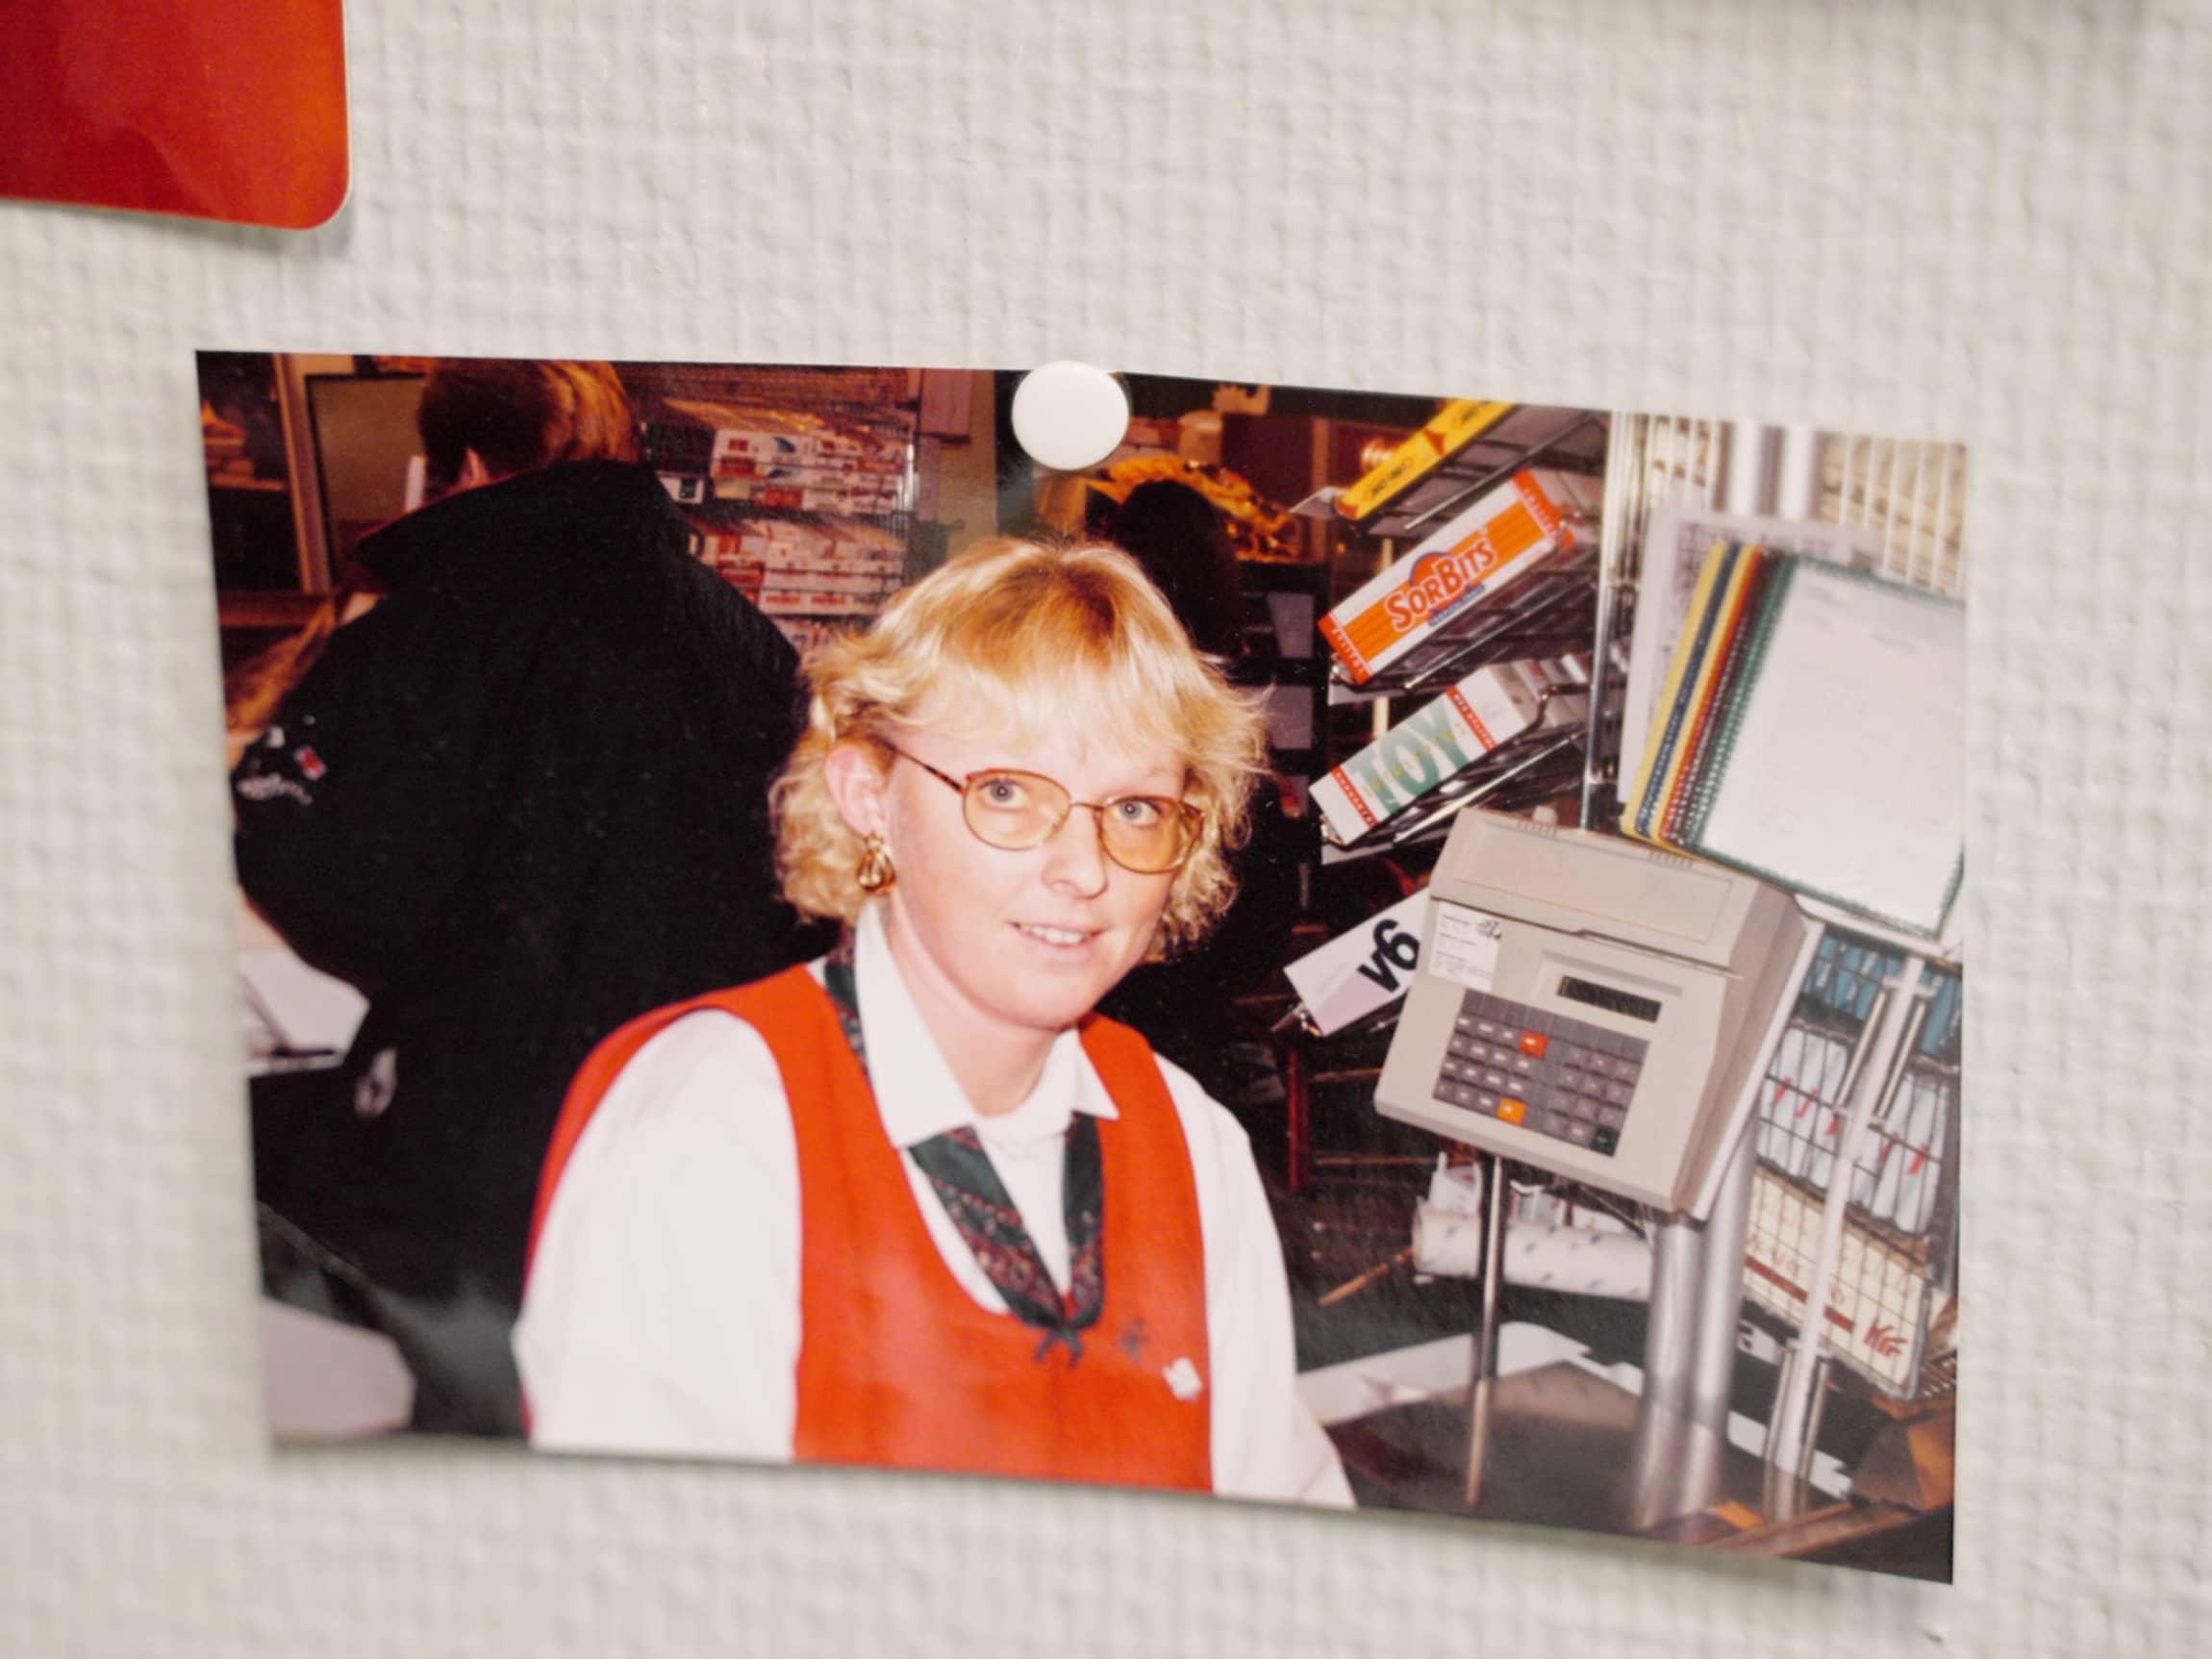 Marianne har jobbet i MENY helt siden 1989 og har vært med på det meste på sine 31 år i butikk.